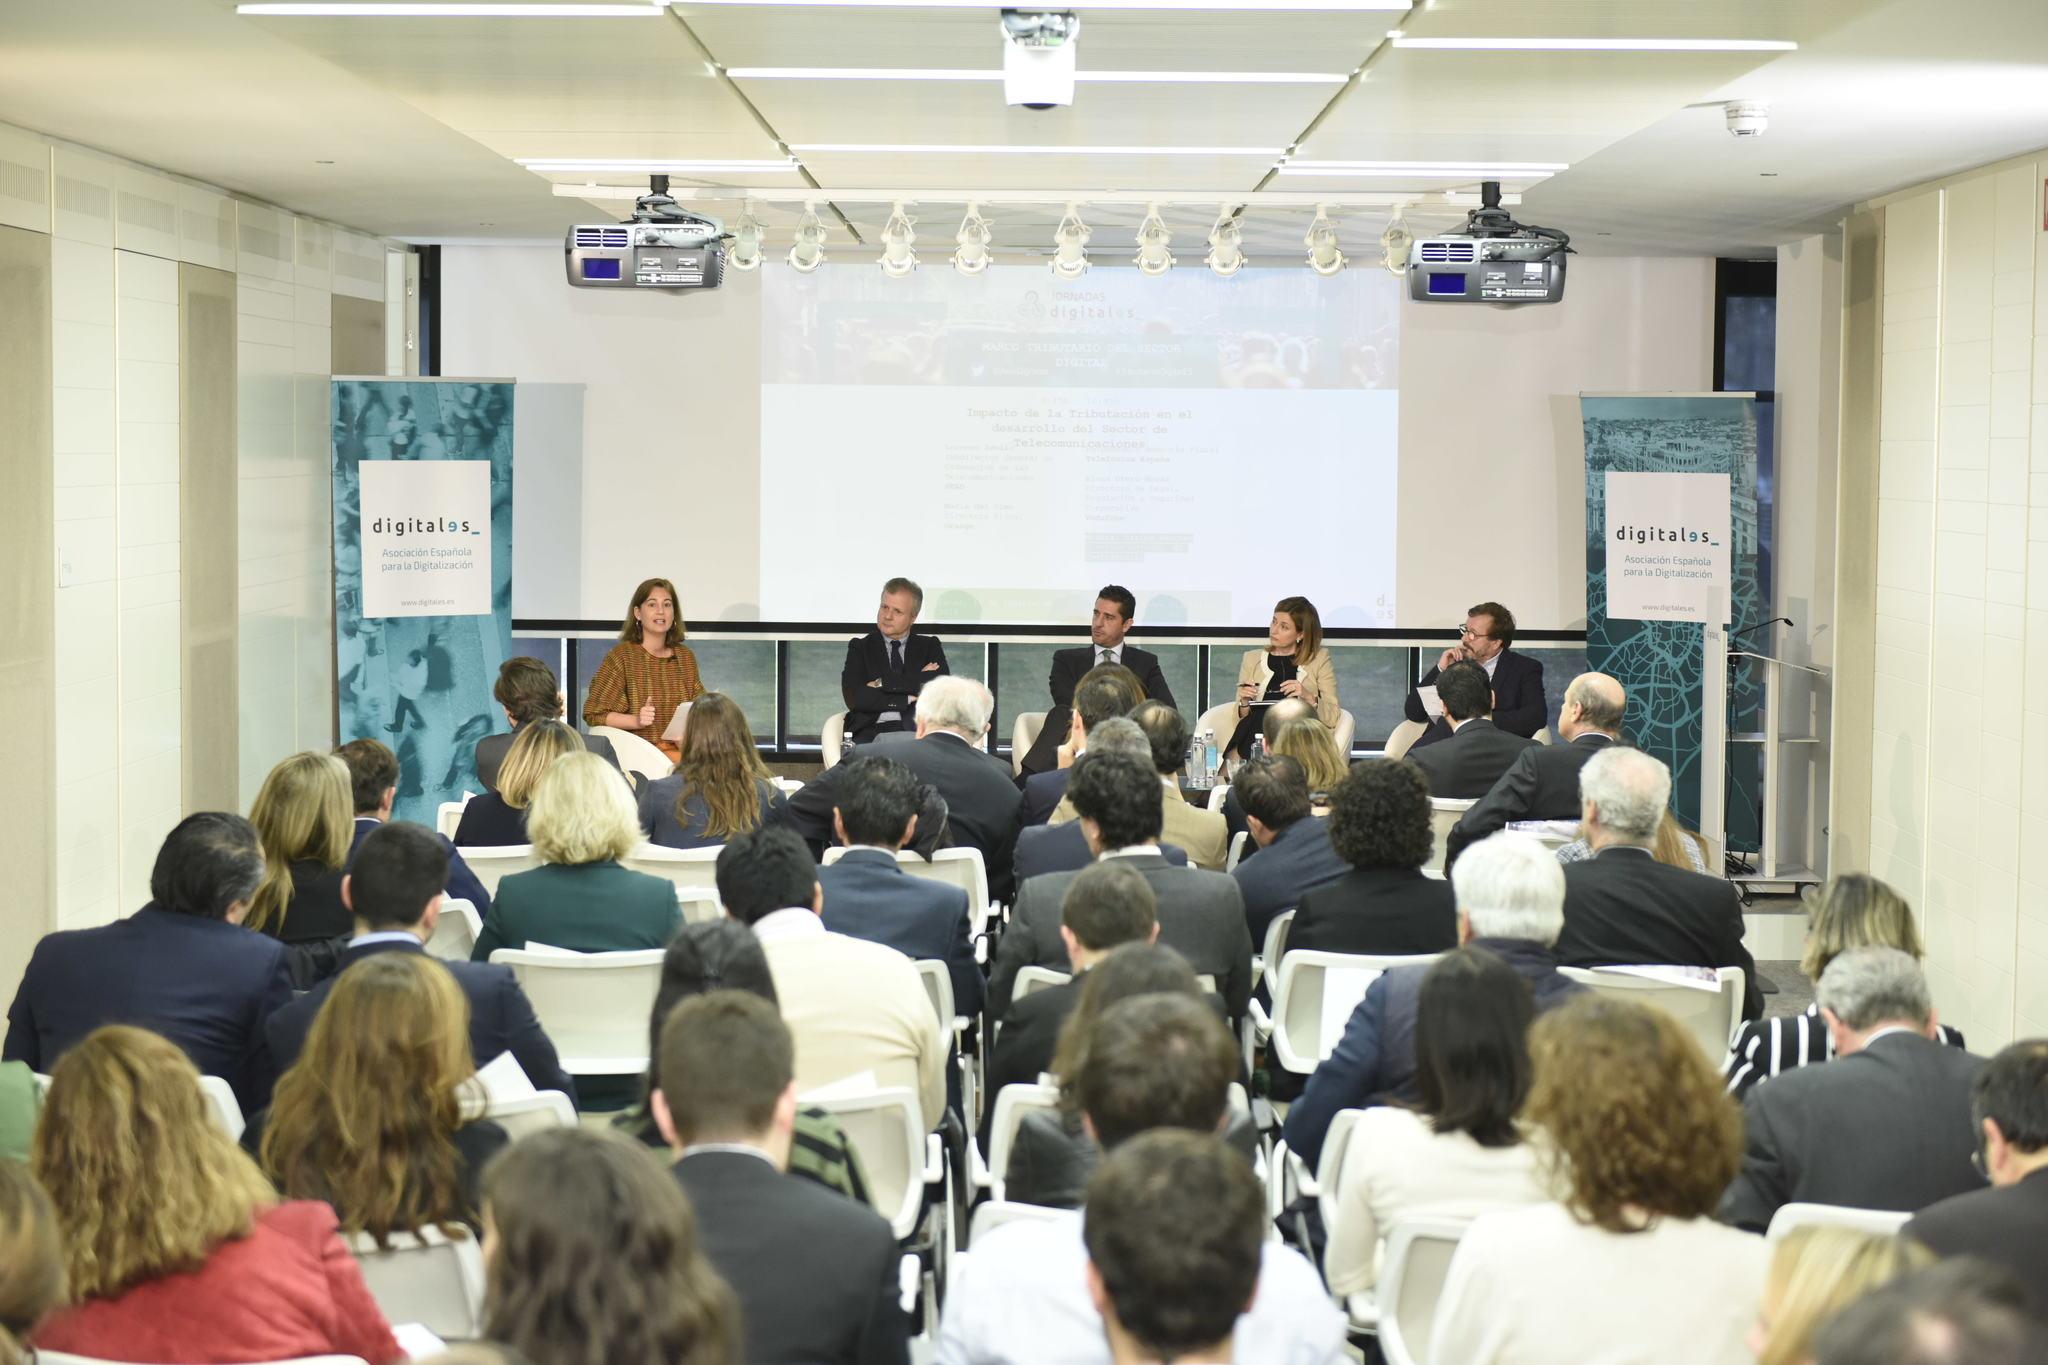 Jornada sobre tributación digital organizada por la organización DigitalES.